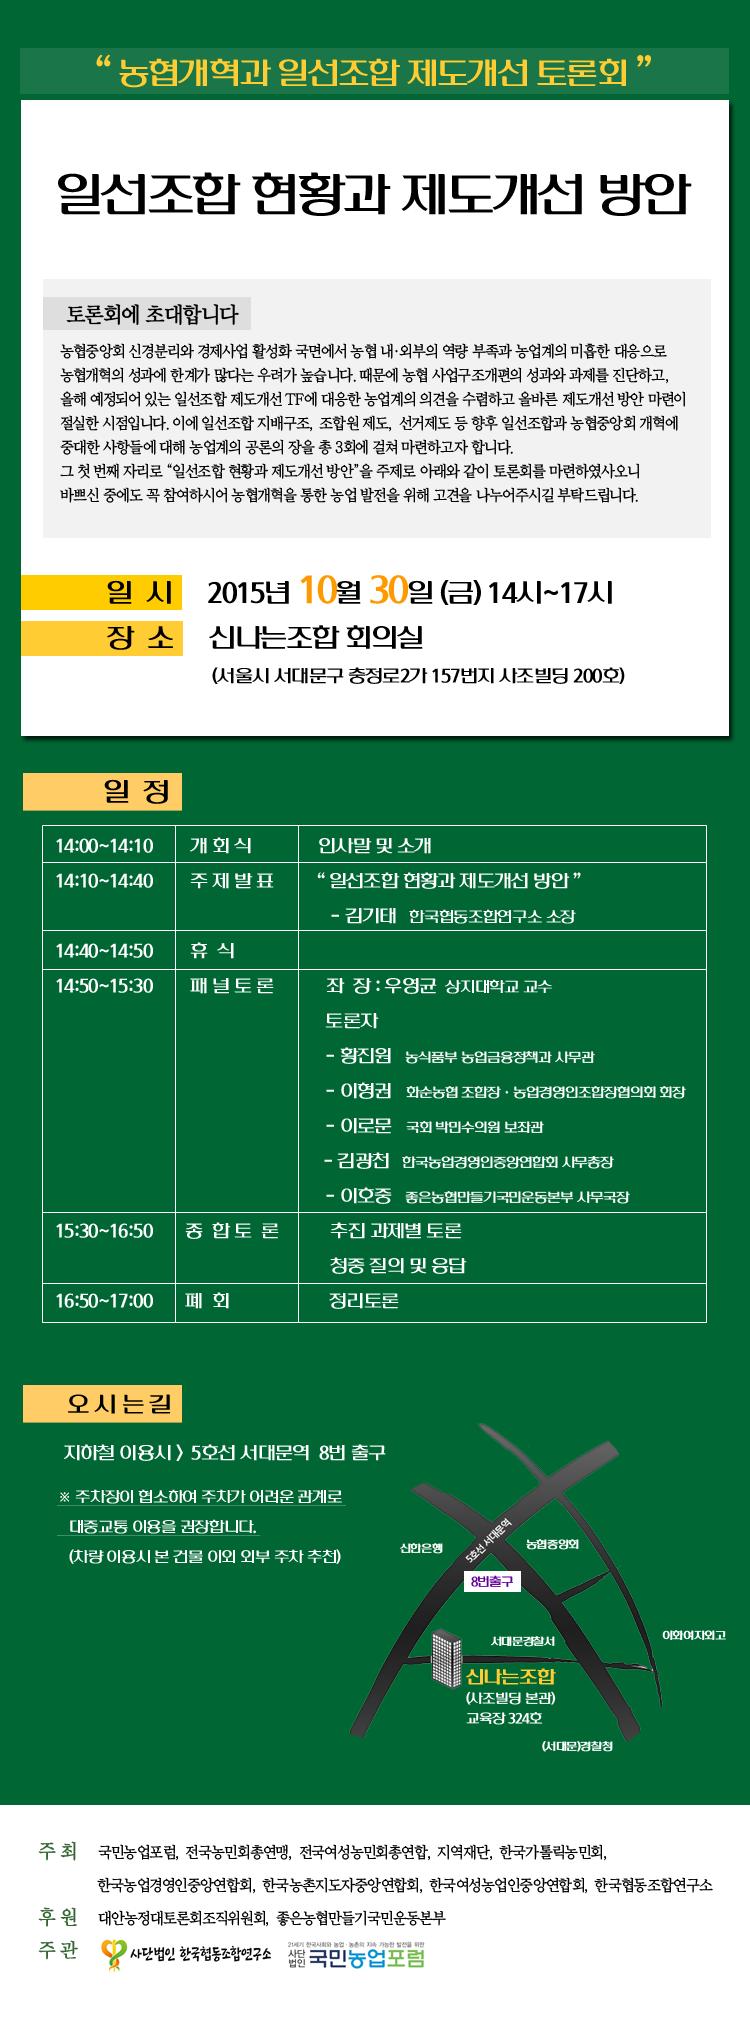 151030_1차토론회_일선조합 현황과 제도개선 방안(수정).png